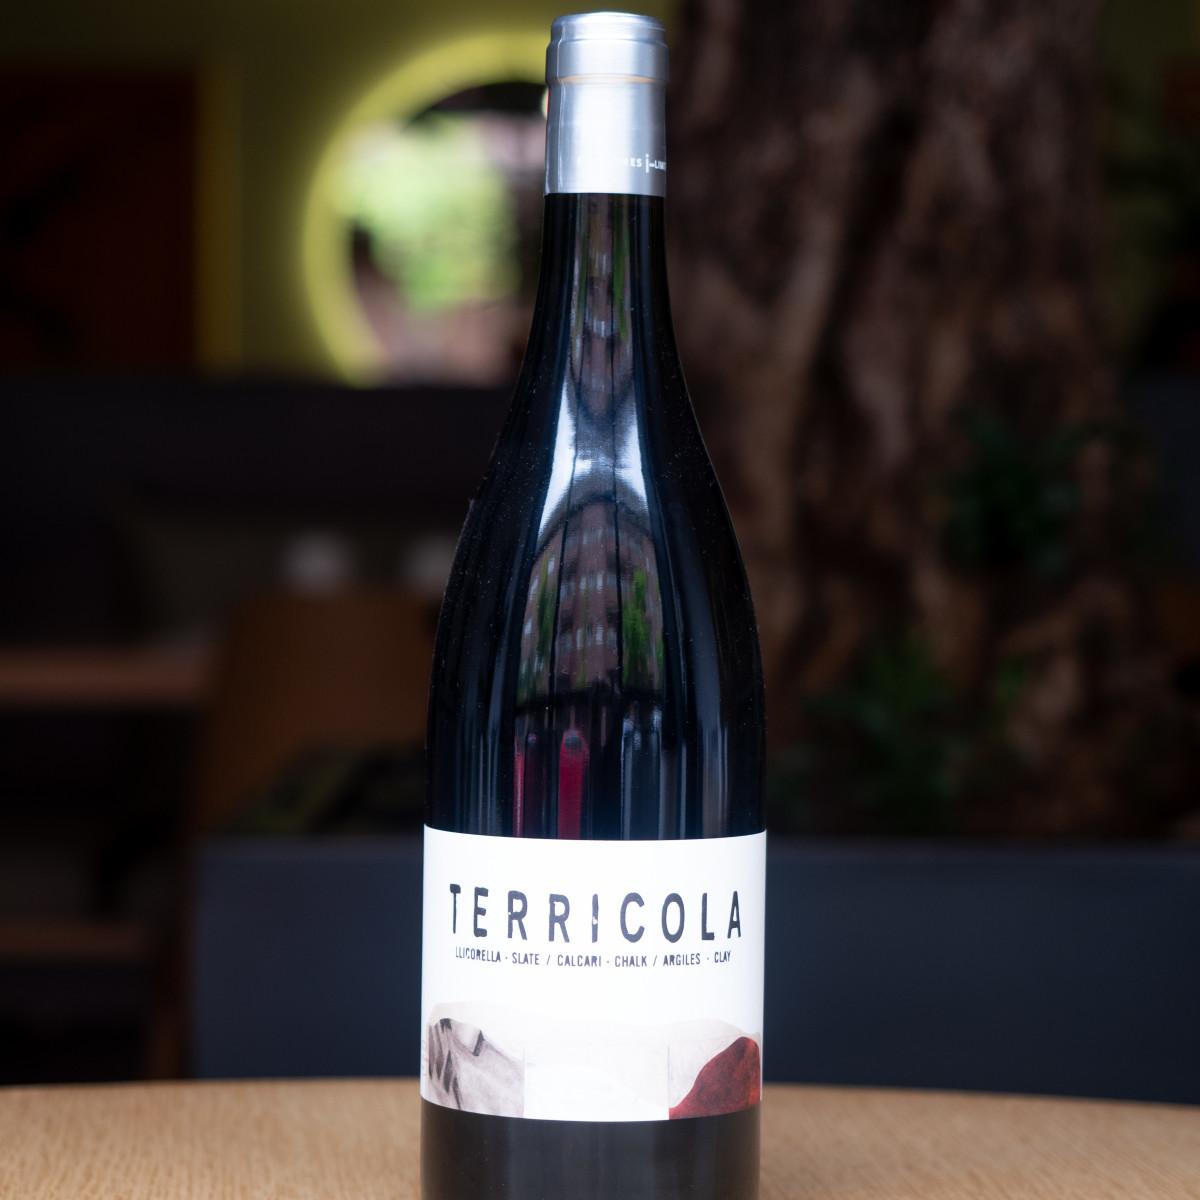 Terrícola: garnacha, cariñena, syrah, cabernet sauvignon. DO Montsant